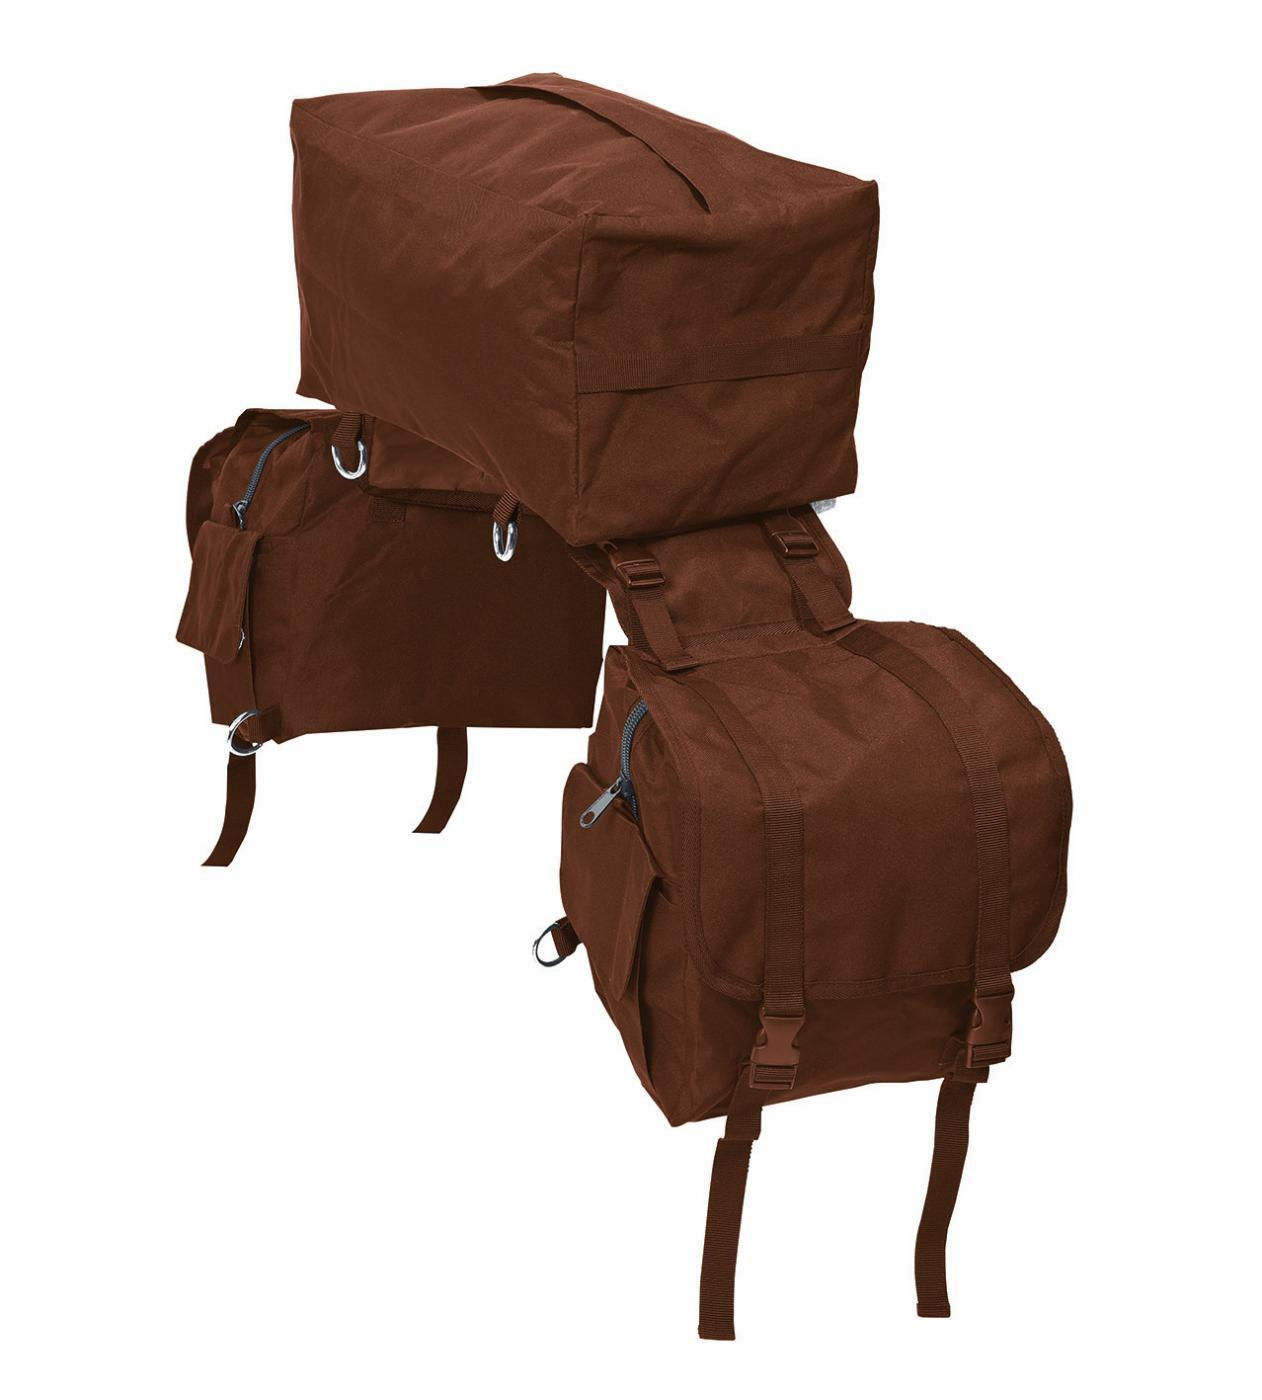 BUSSE Packtasche 3-in-1 3-in-1 3-in-1  Packtasche  braun Wanderreiten Westernreiten 2b6dd6